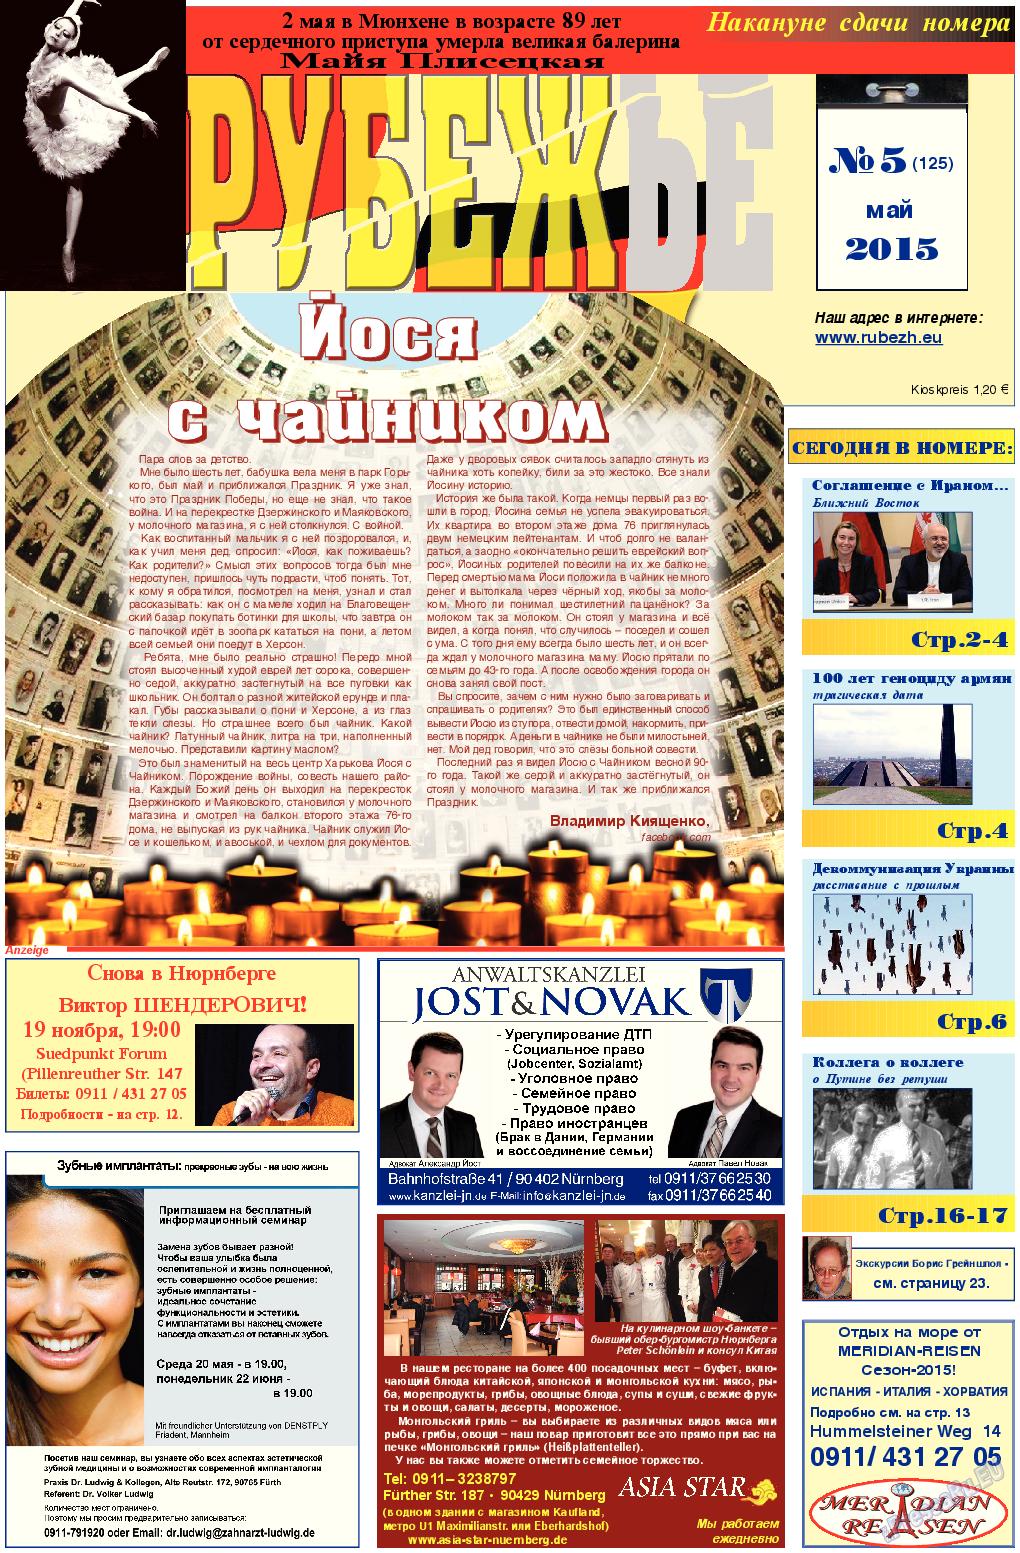 Рубеж (газета). 2015 год, номер 5, стр. 1